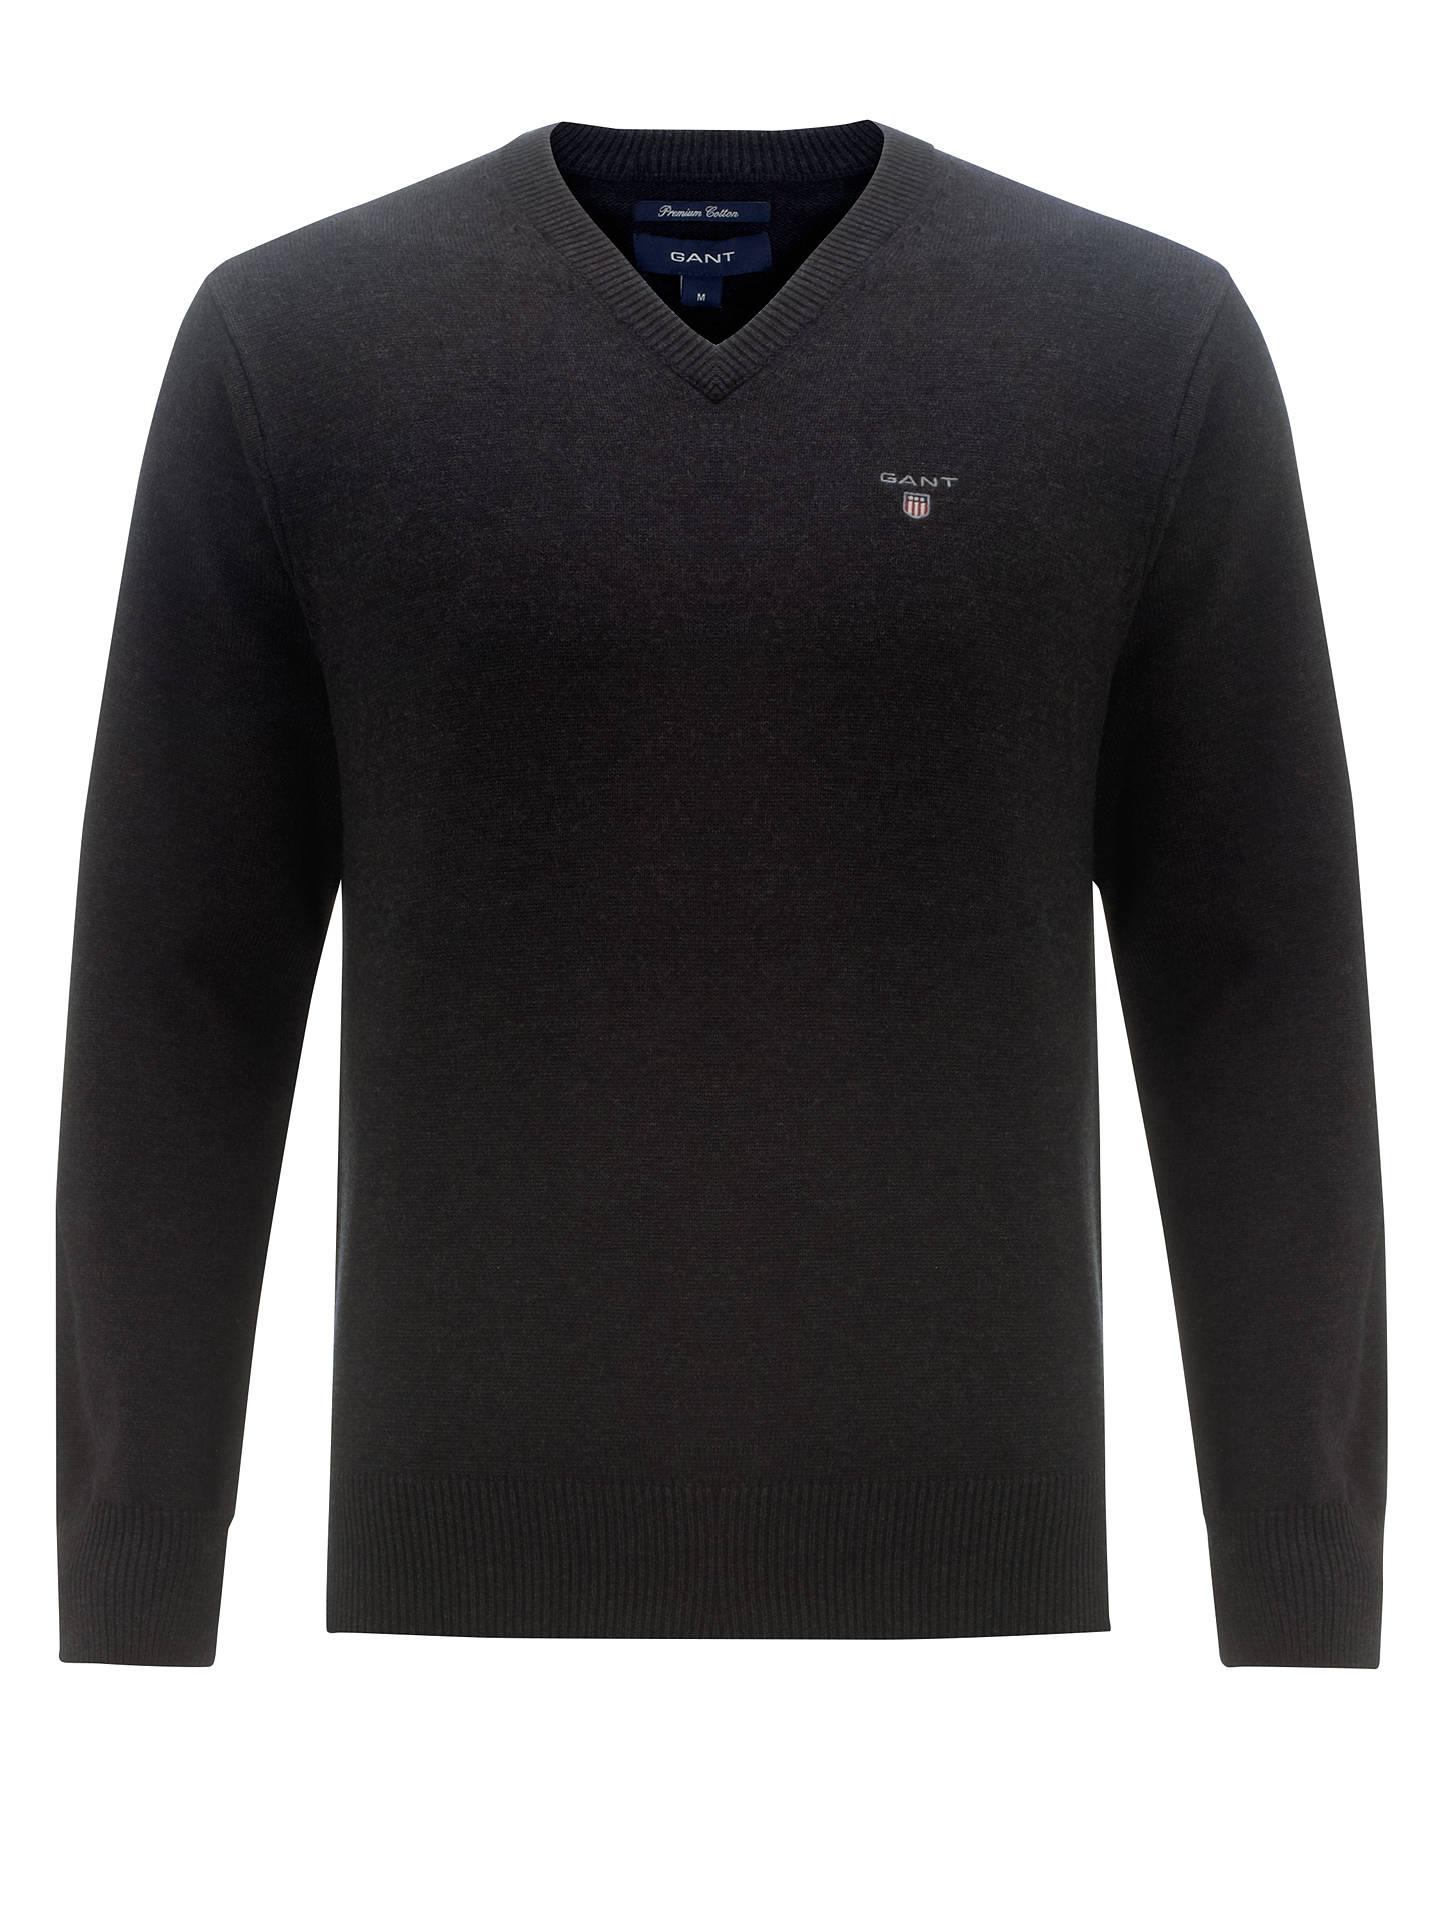 345f68bb948333 Buy Gant Solid Cotton V-Neck Jumper, Charcoal, M Online at johnlewis.